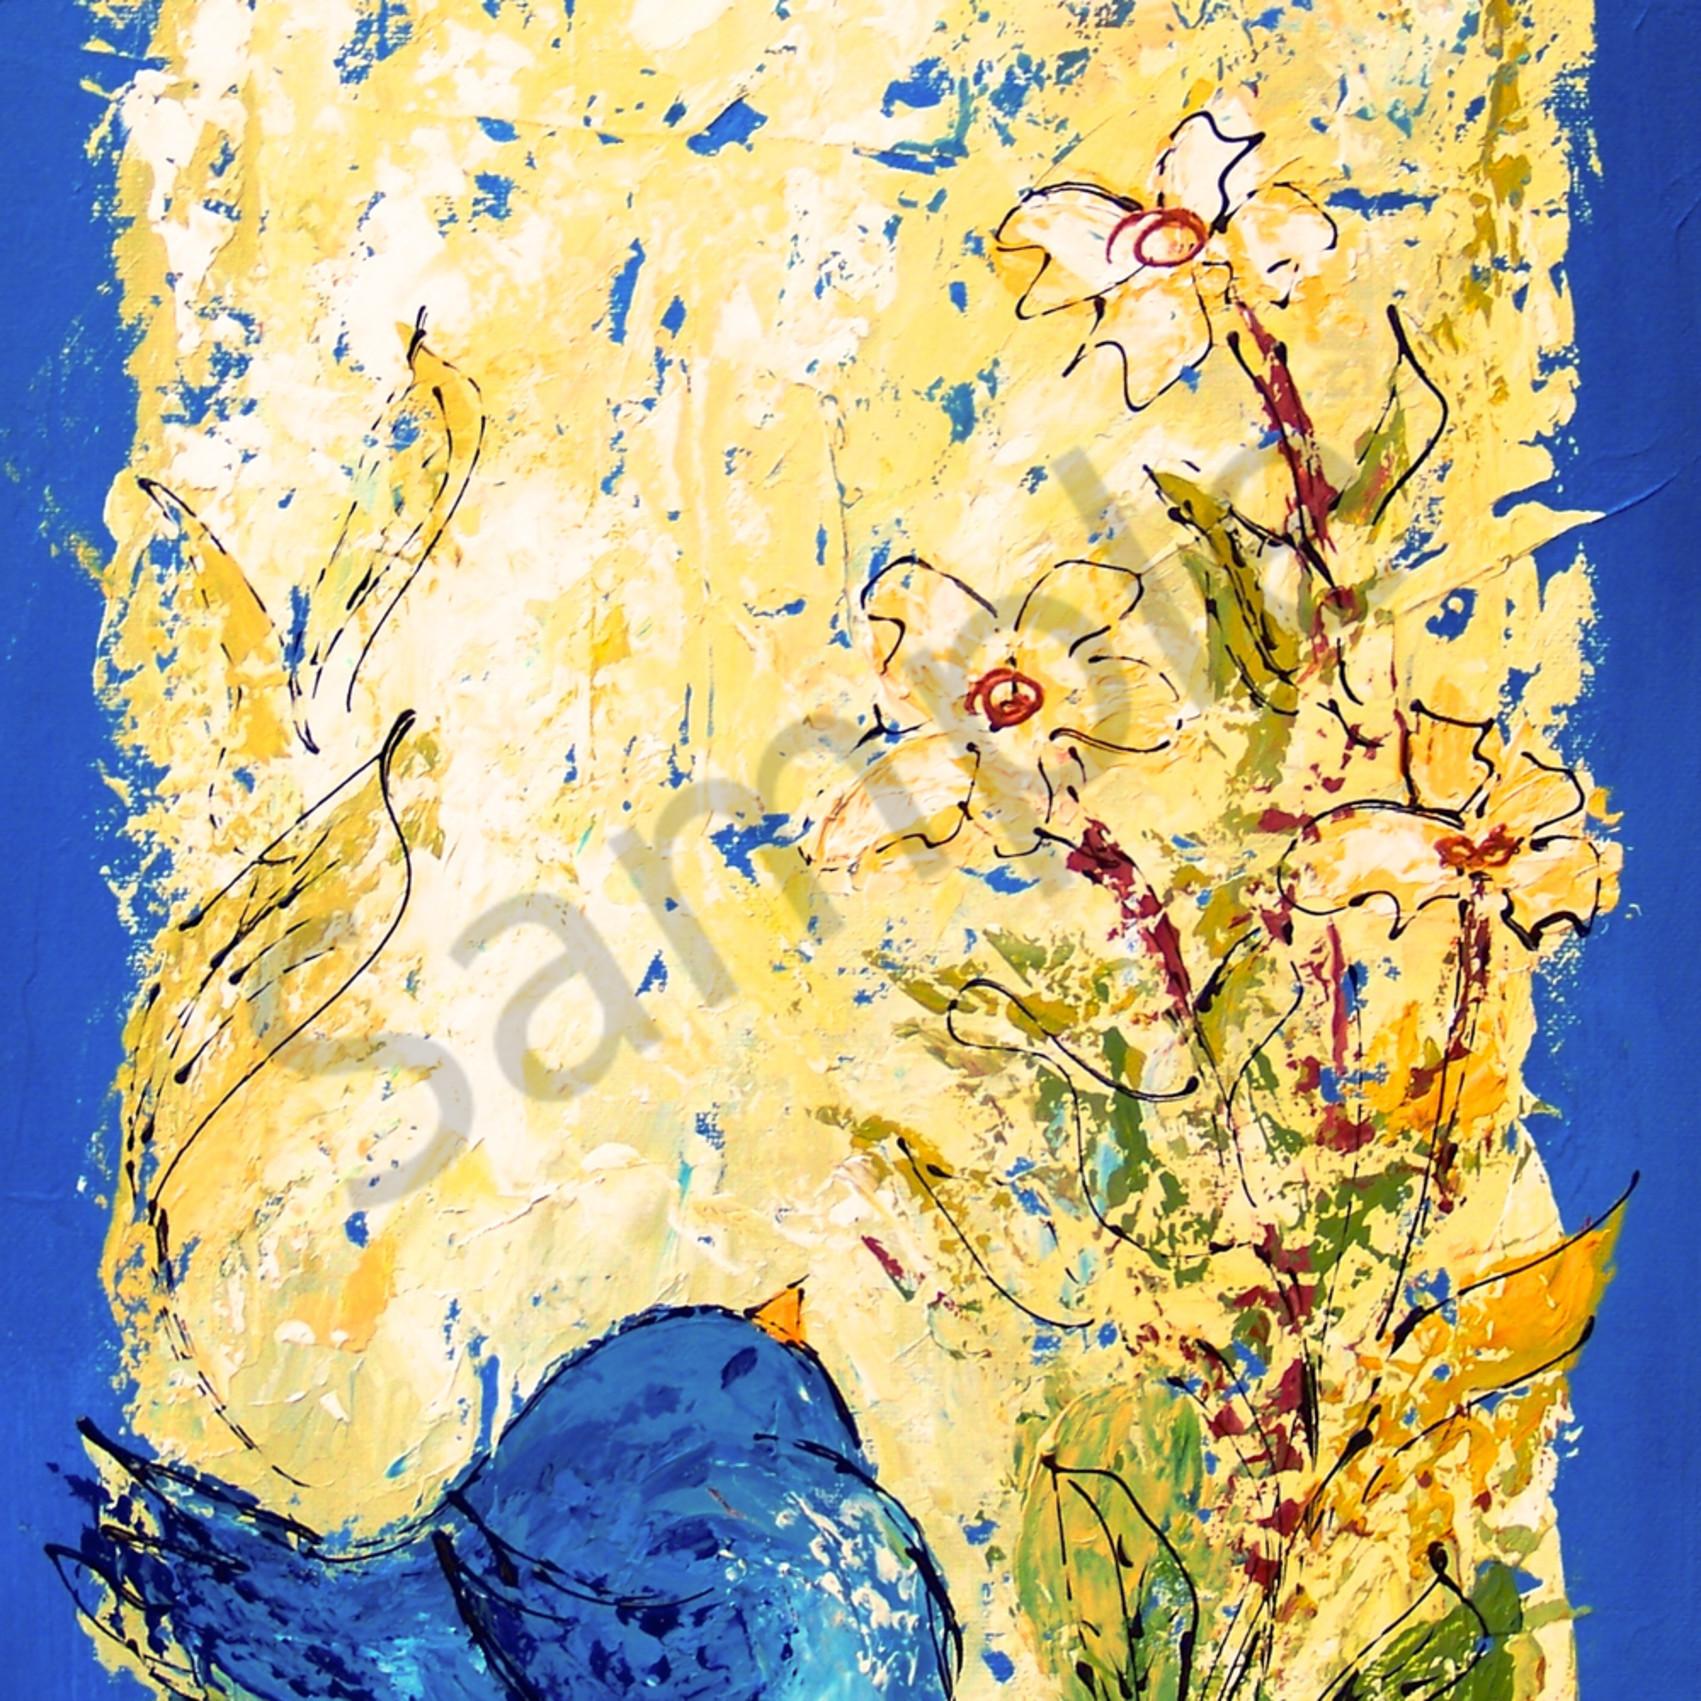 Tall chubby blue bird with flowers ax6vla